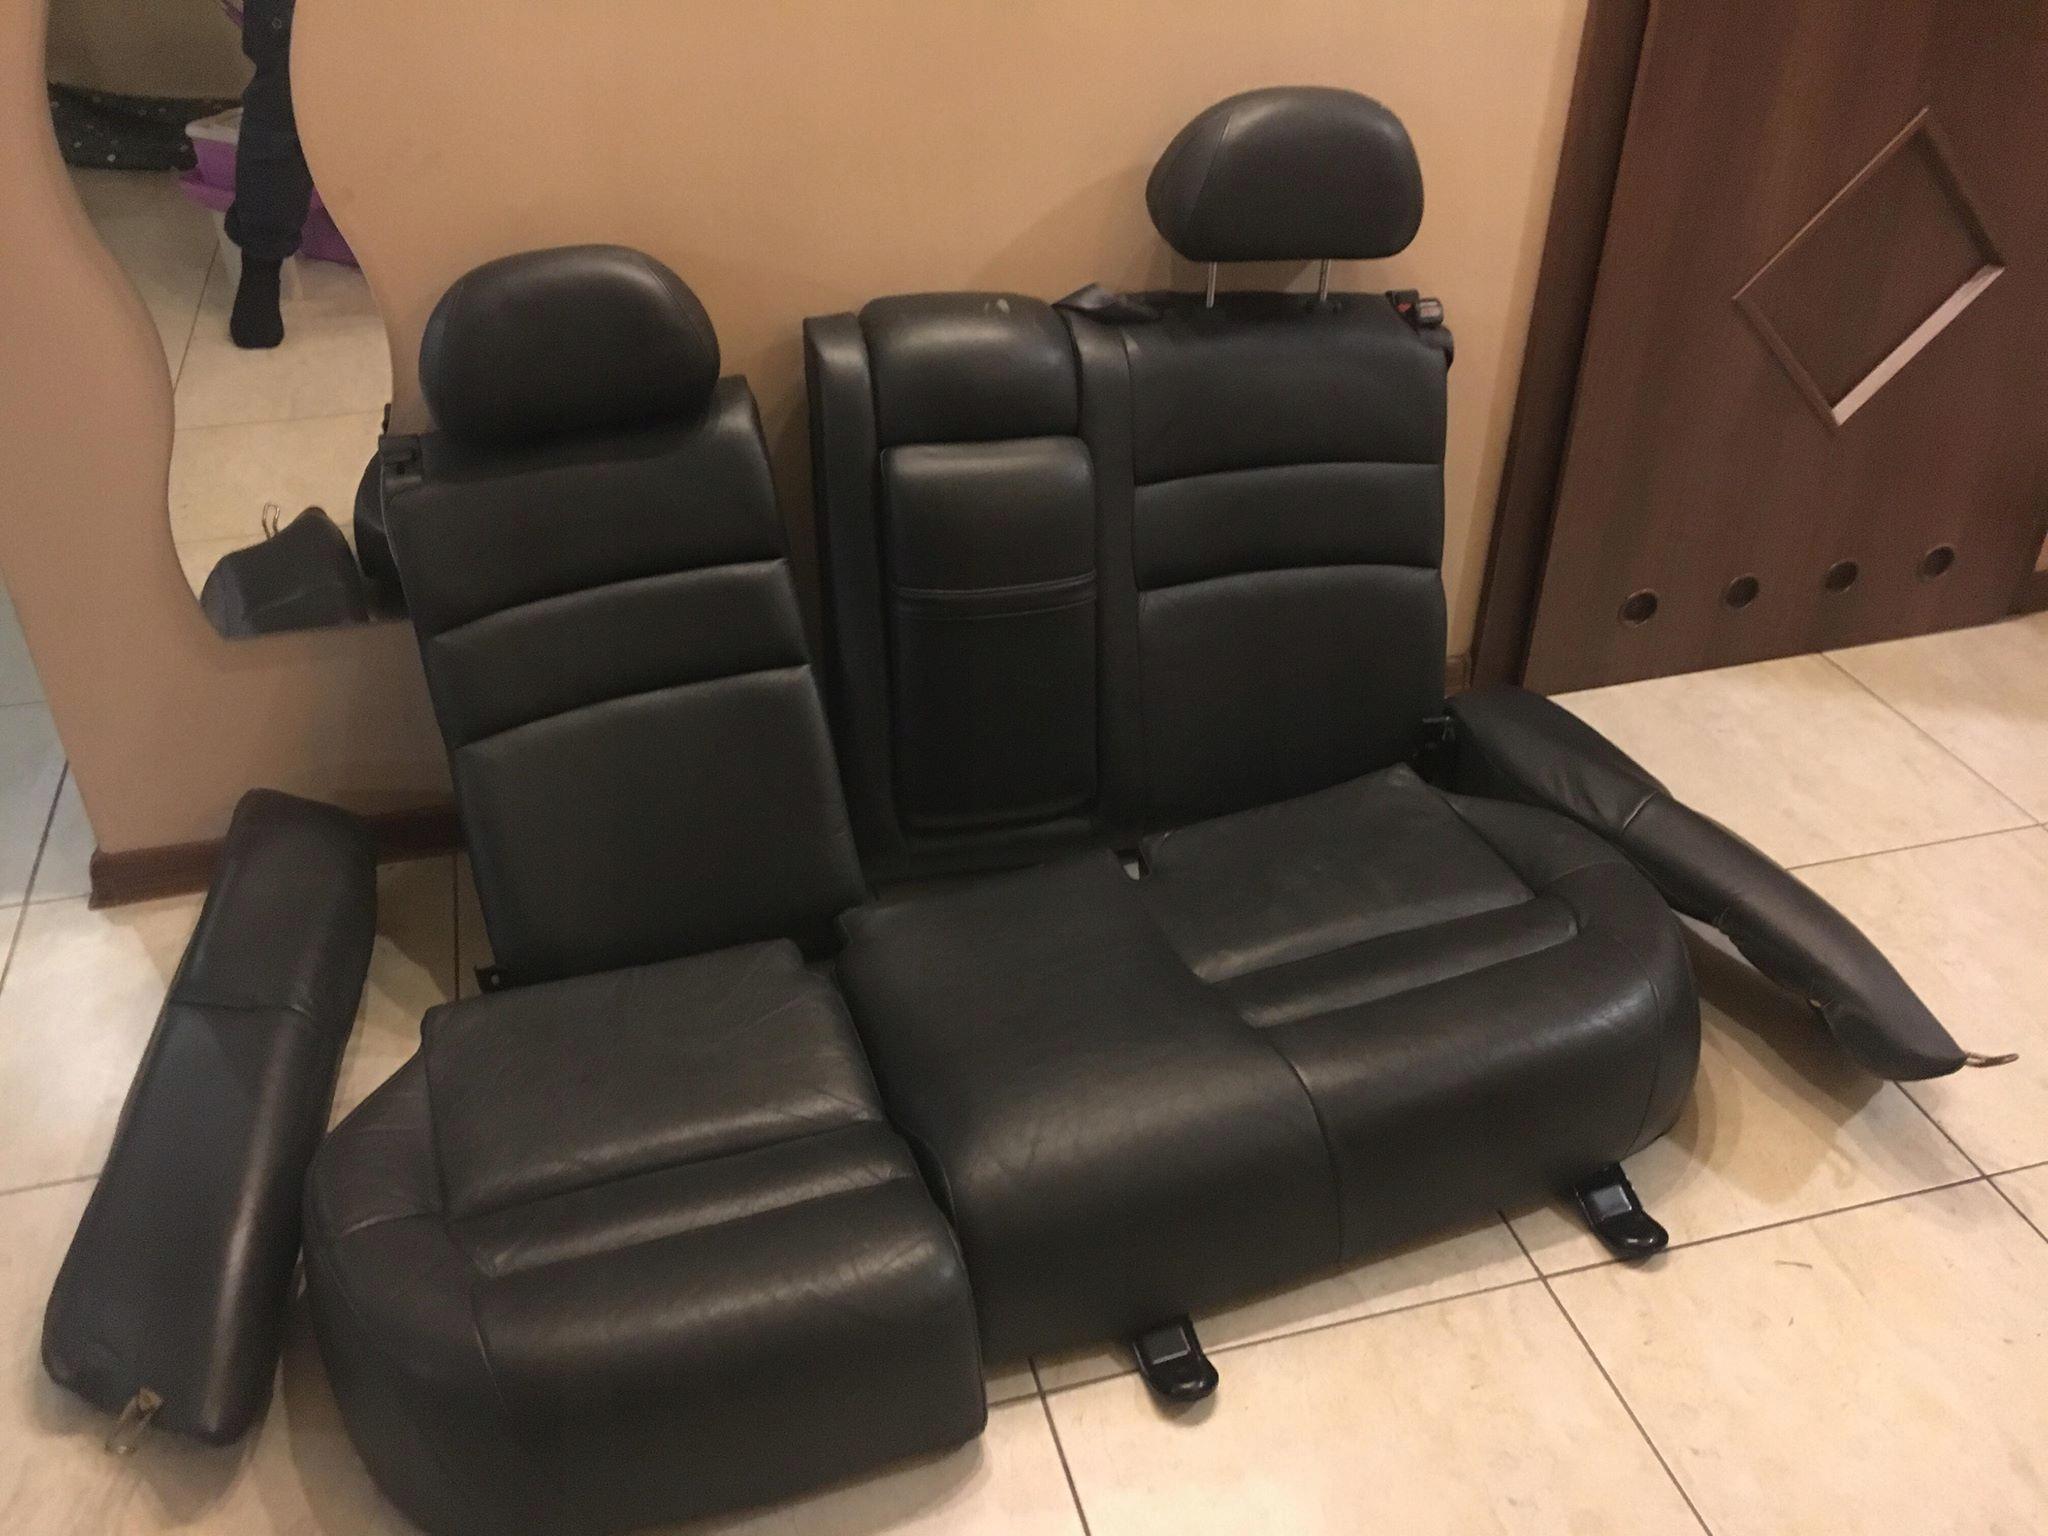 Fotele Siedzenia Skórzane Volvo V40 Carisma 7733364427